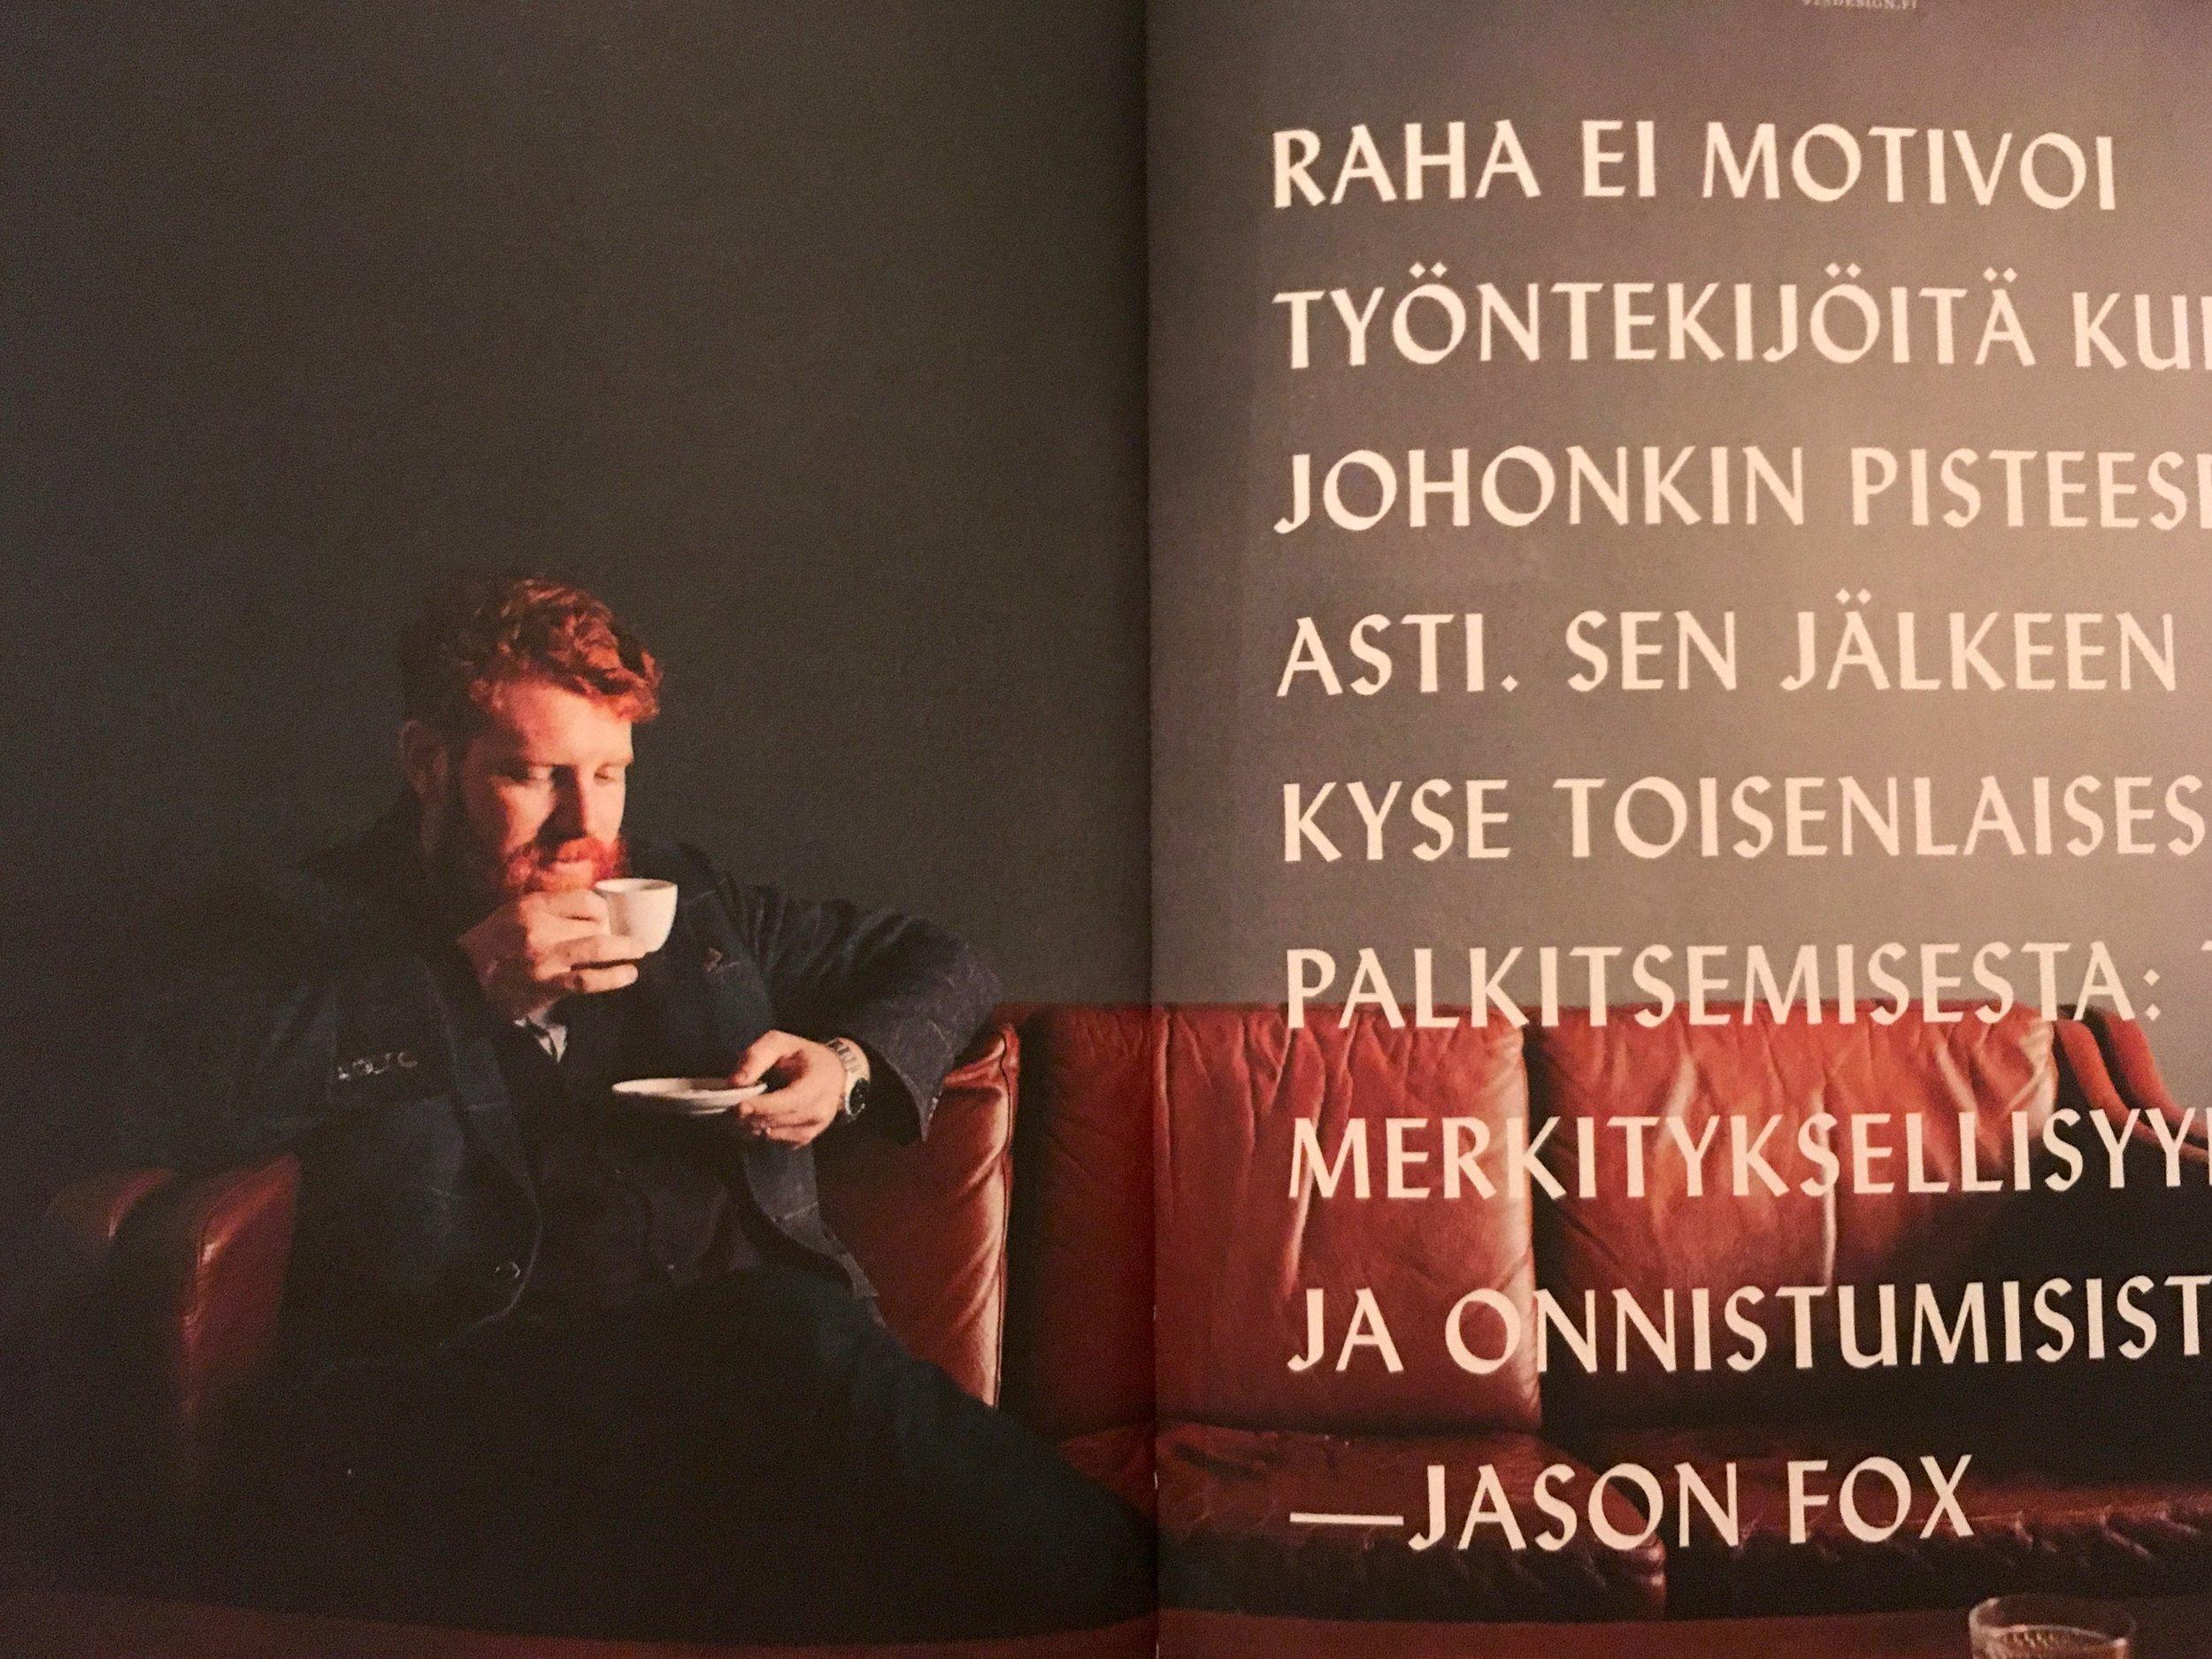 Dr Jason Fox motivational speaker